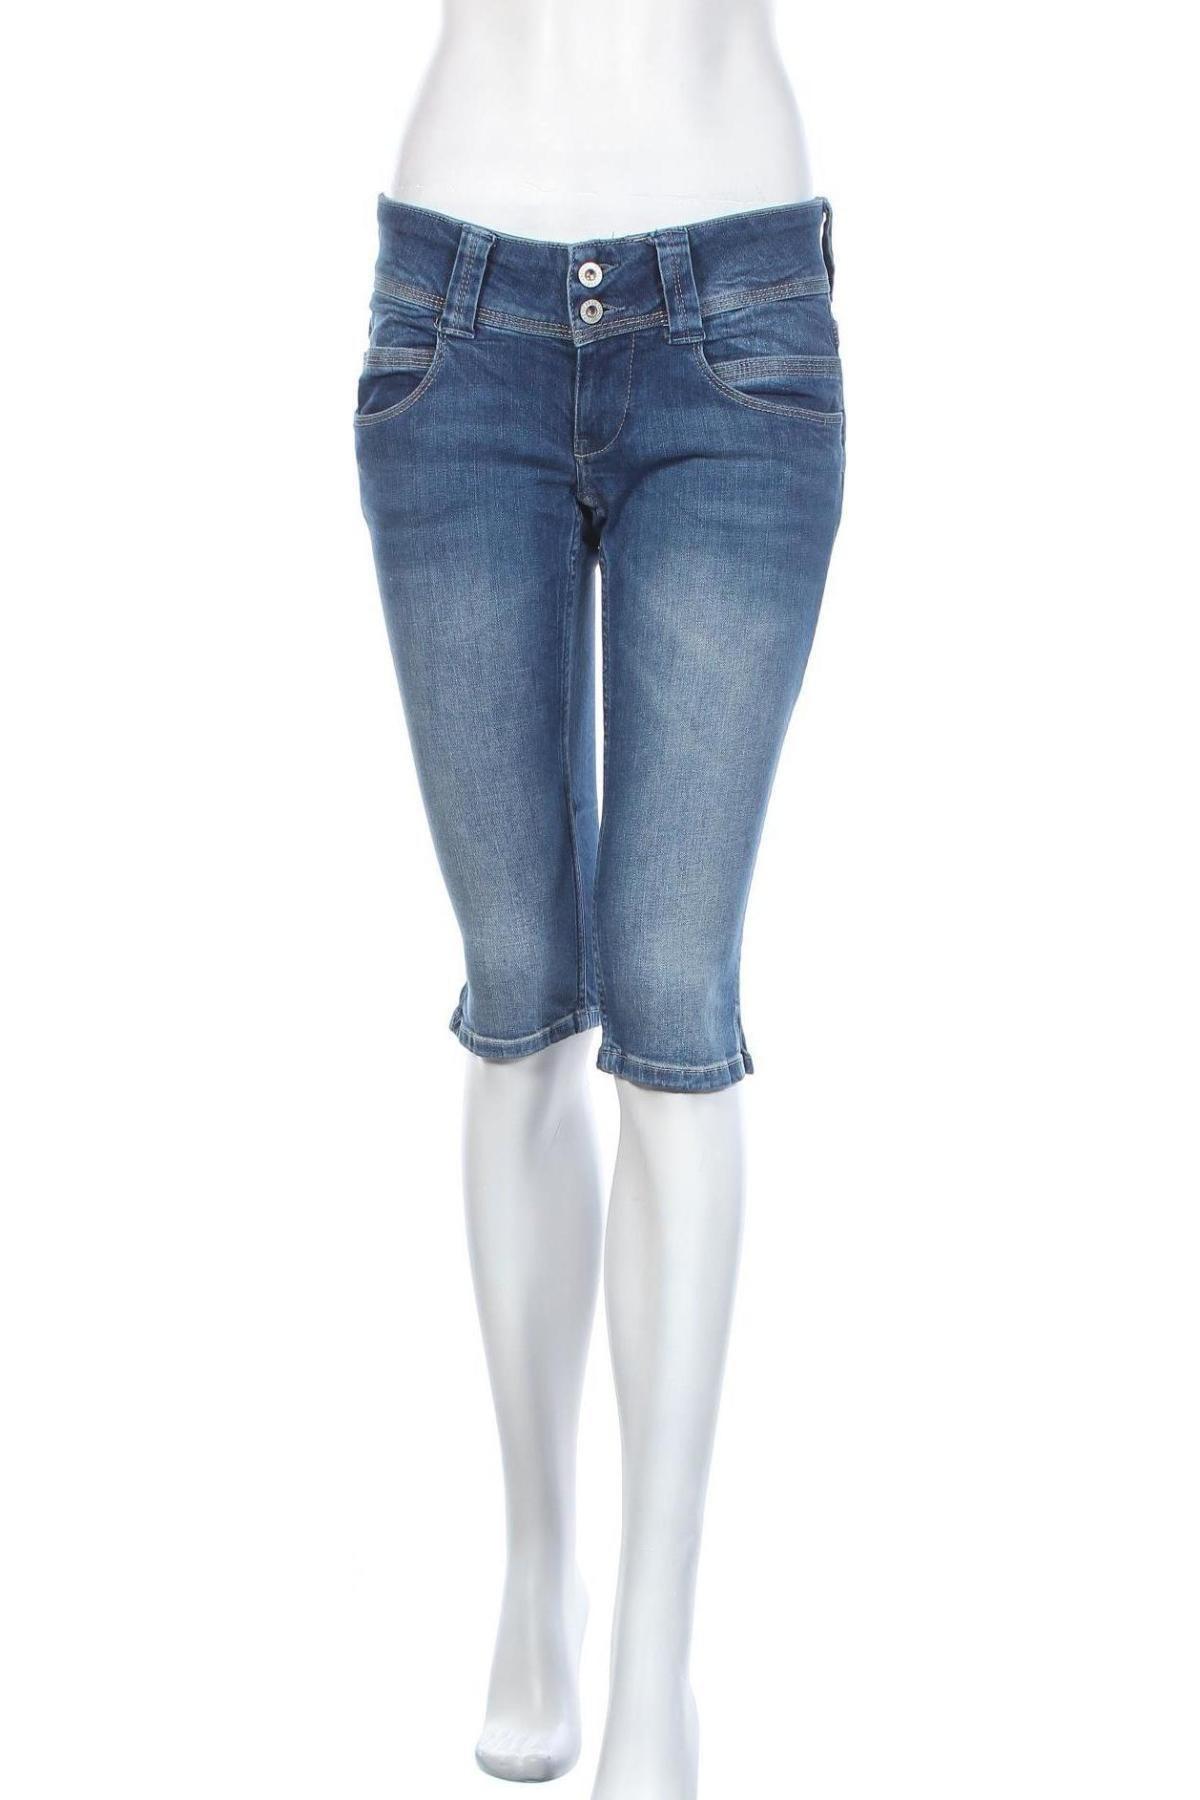 Γυναικείο κοντό παντελόνι Pepe Jeans, Μέγεθος M, Χρώμα Μπλέ, 98% βαμβάκι, 2% ελαστάνη, Τιμή 38,27€